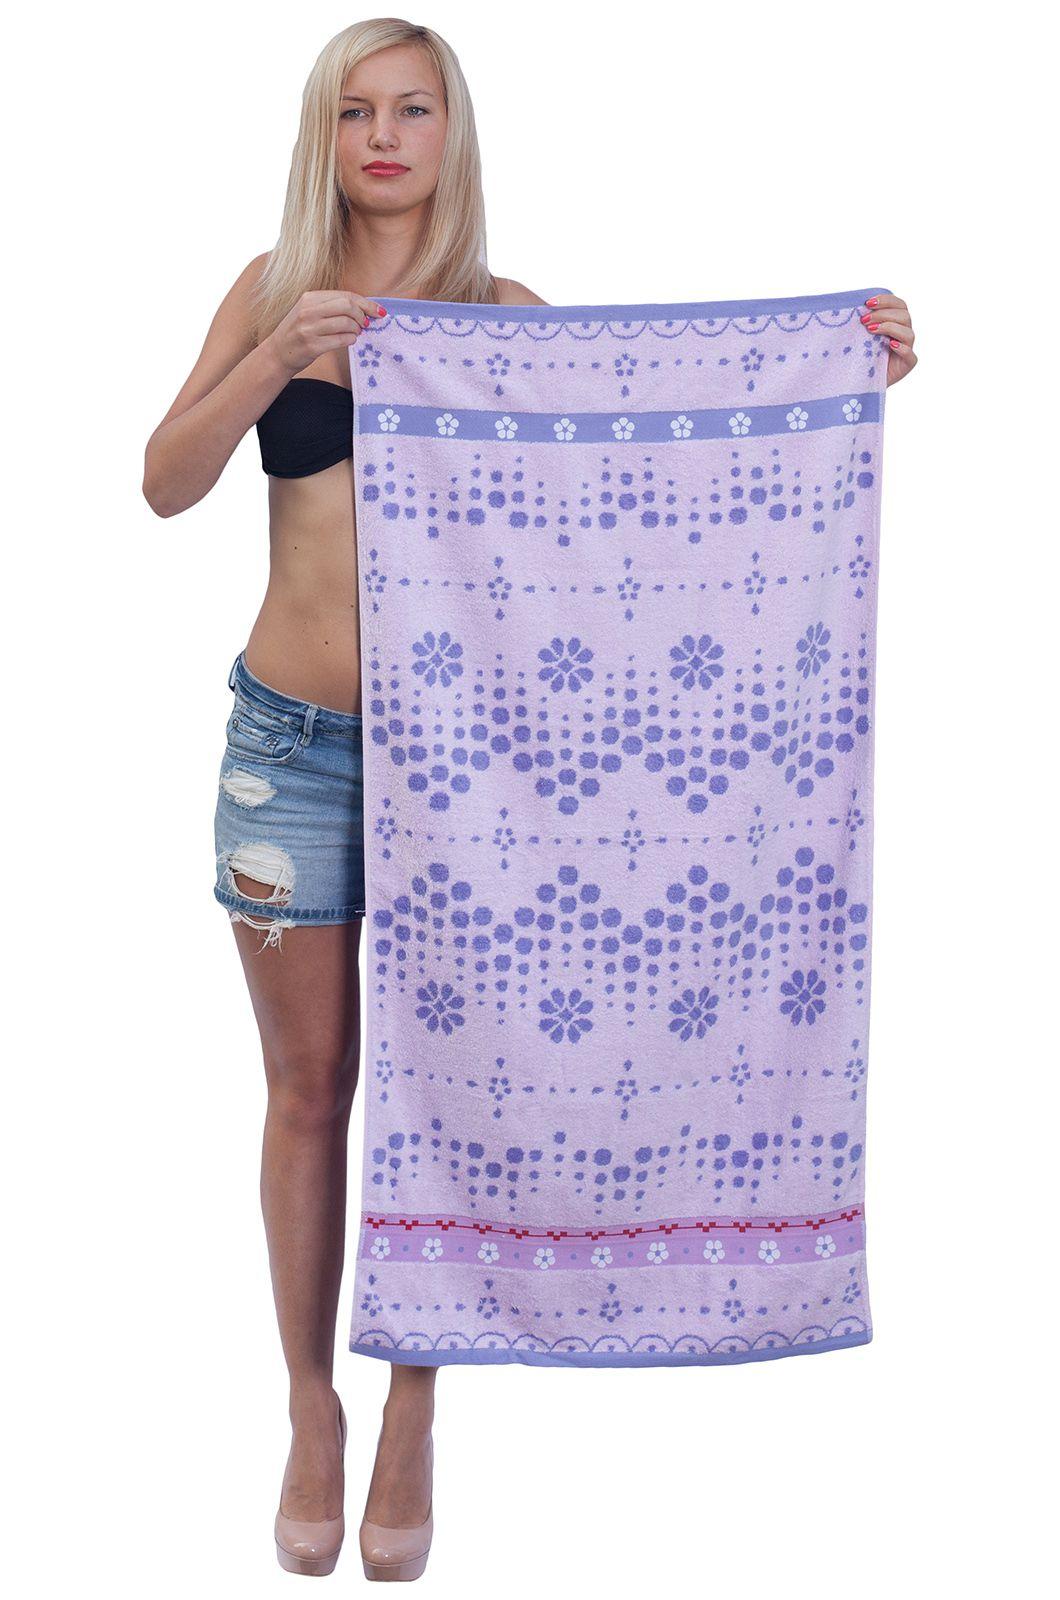 Полотенце махровое - купить онлайн в интернет-магазине